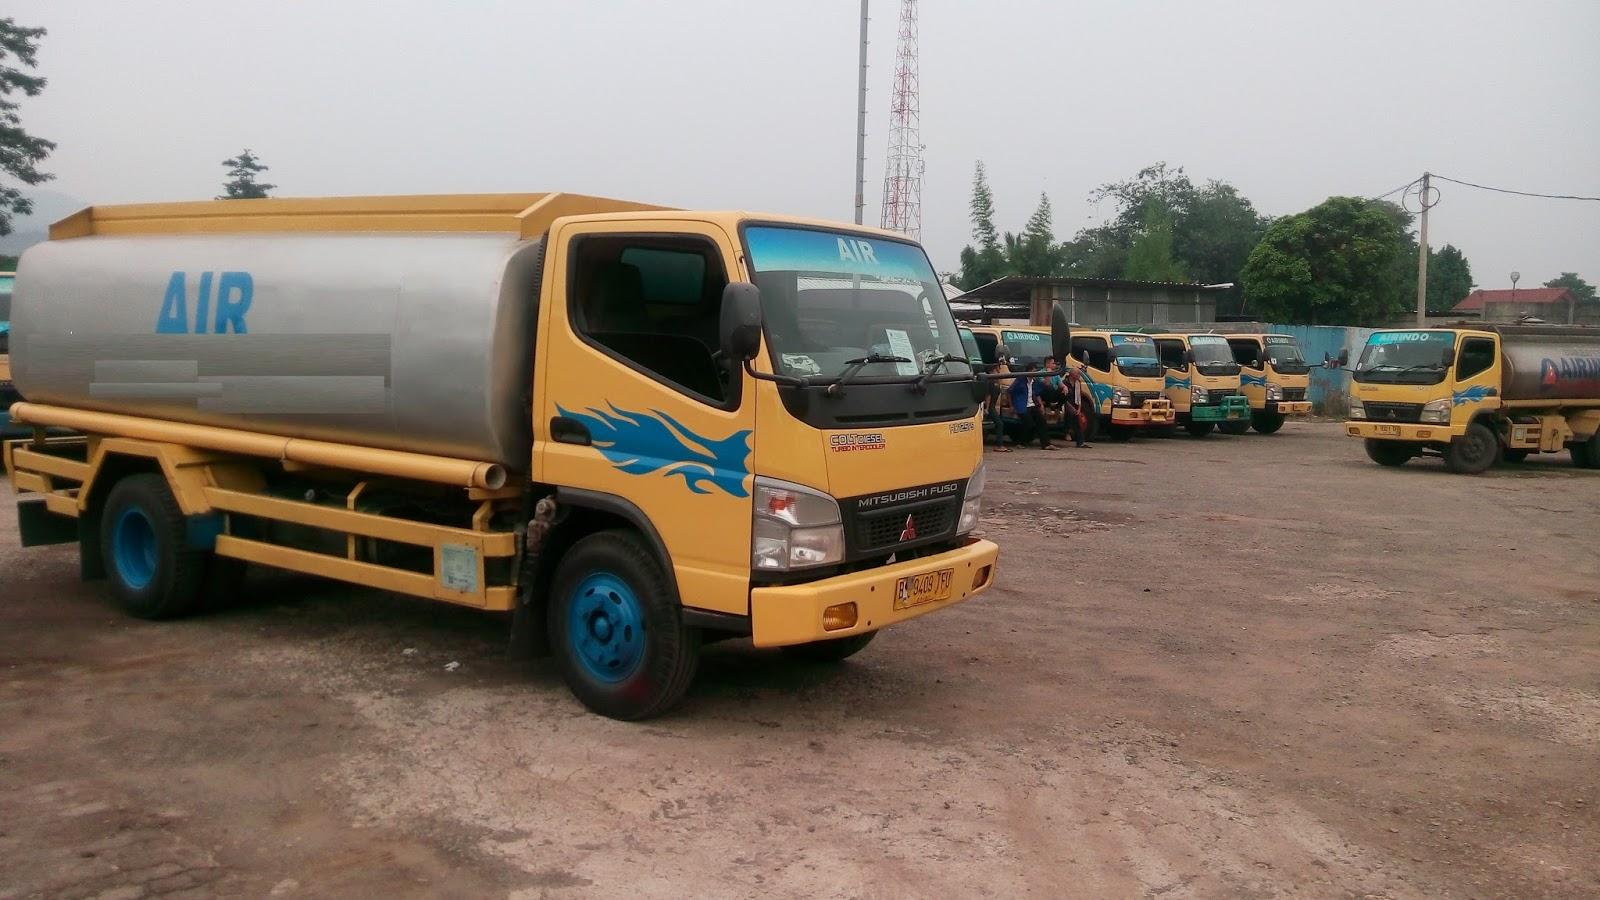 96 Gambar Mobil Truk Tangki Air HD Terbaru